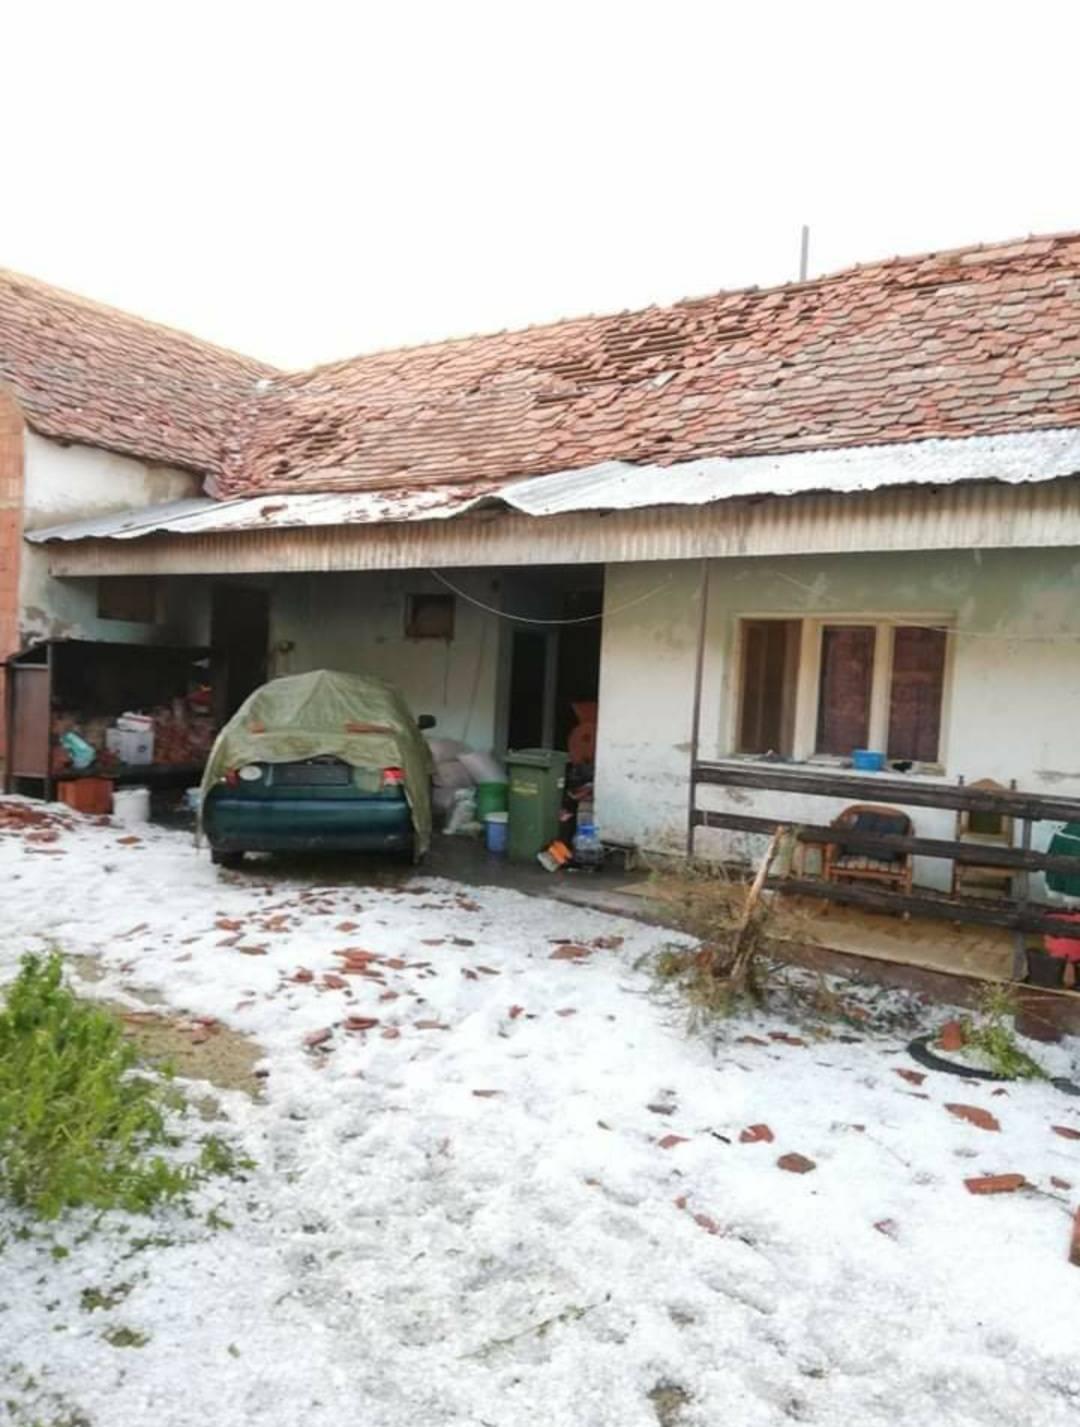 Jučerašnje nevrijeme uništilo gotovo cijelo selo Tekić